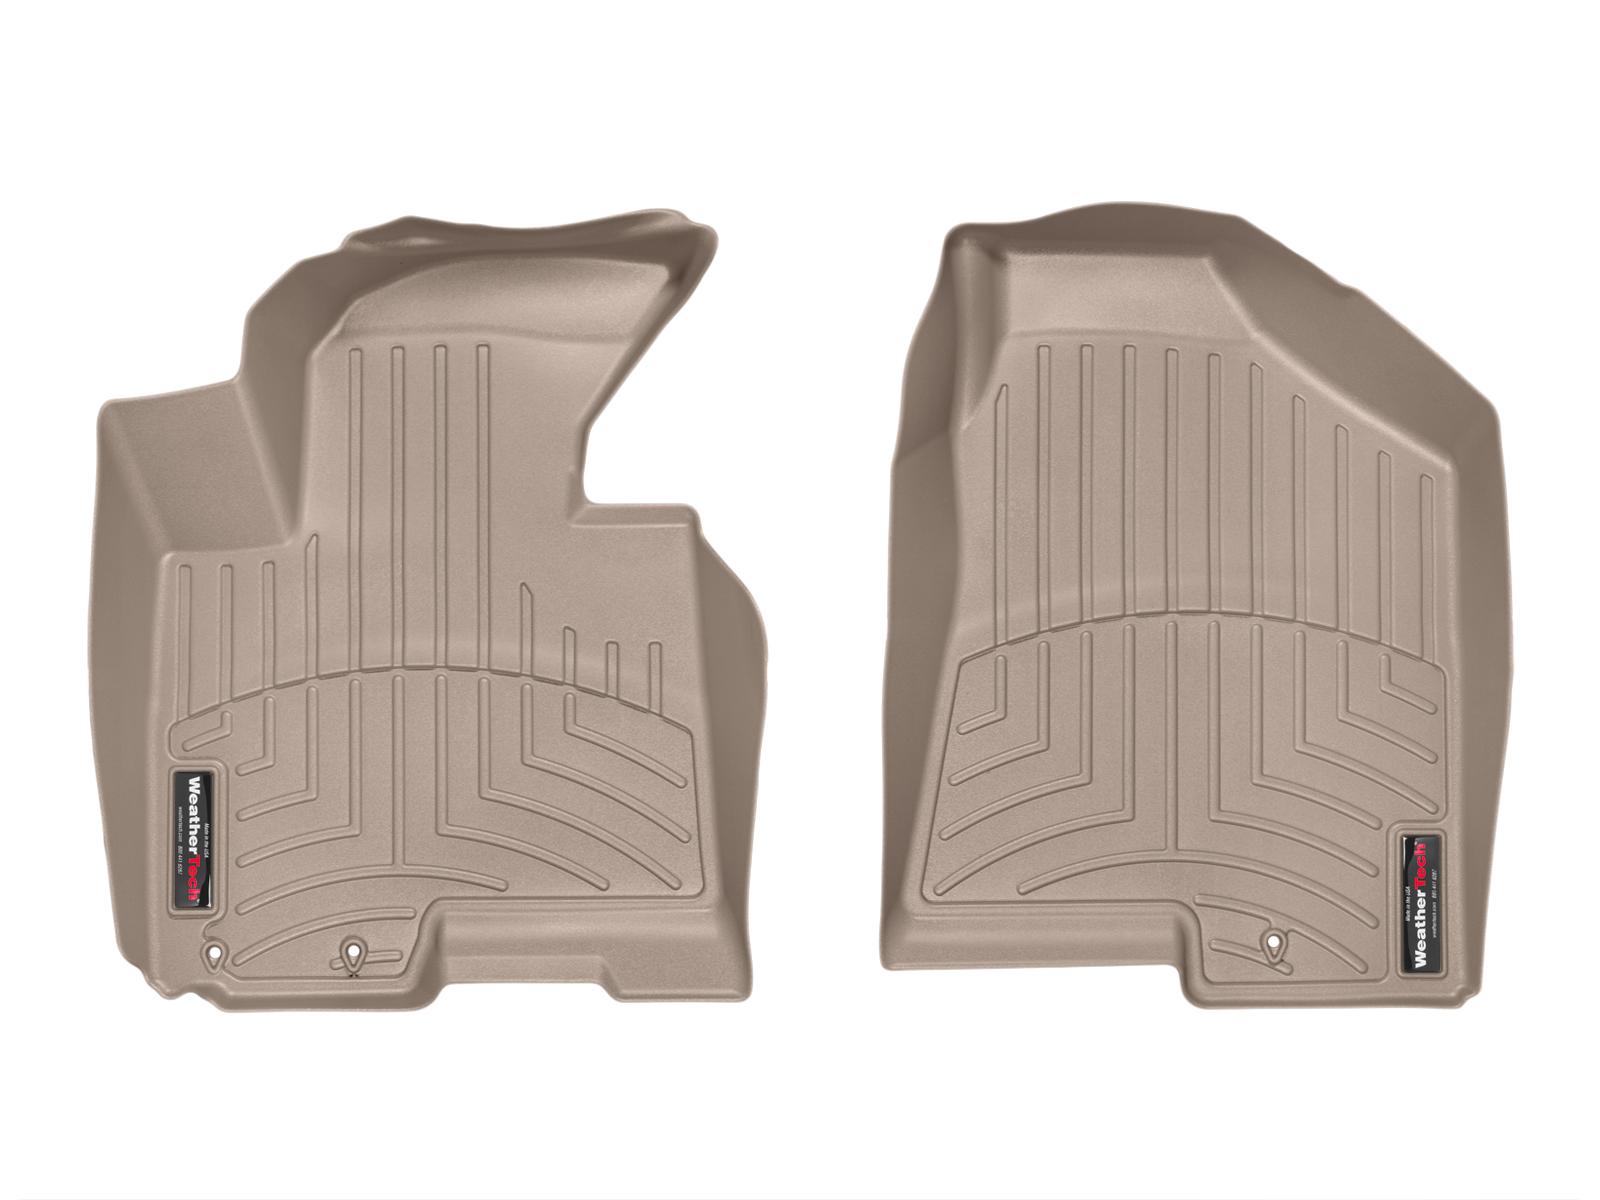 Tappeti gomma su misura bordo alto Kia Sportage 11>15 Marrone A1846*